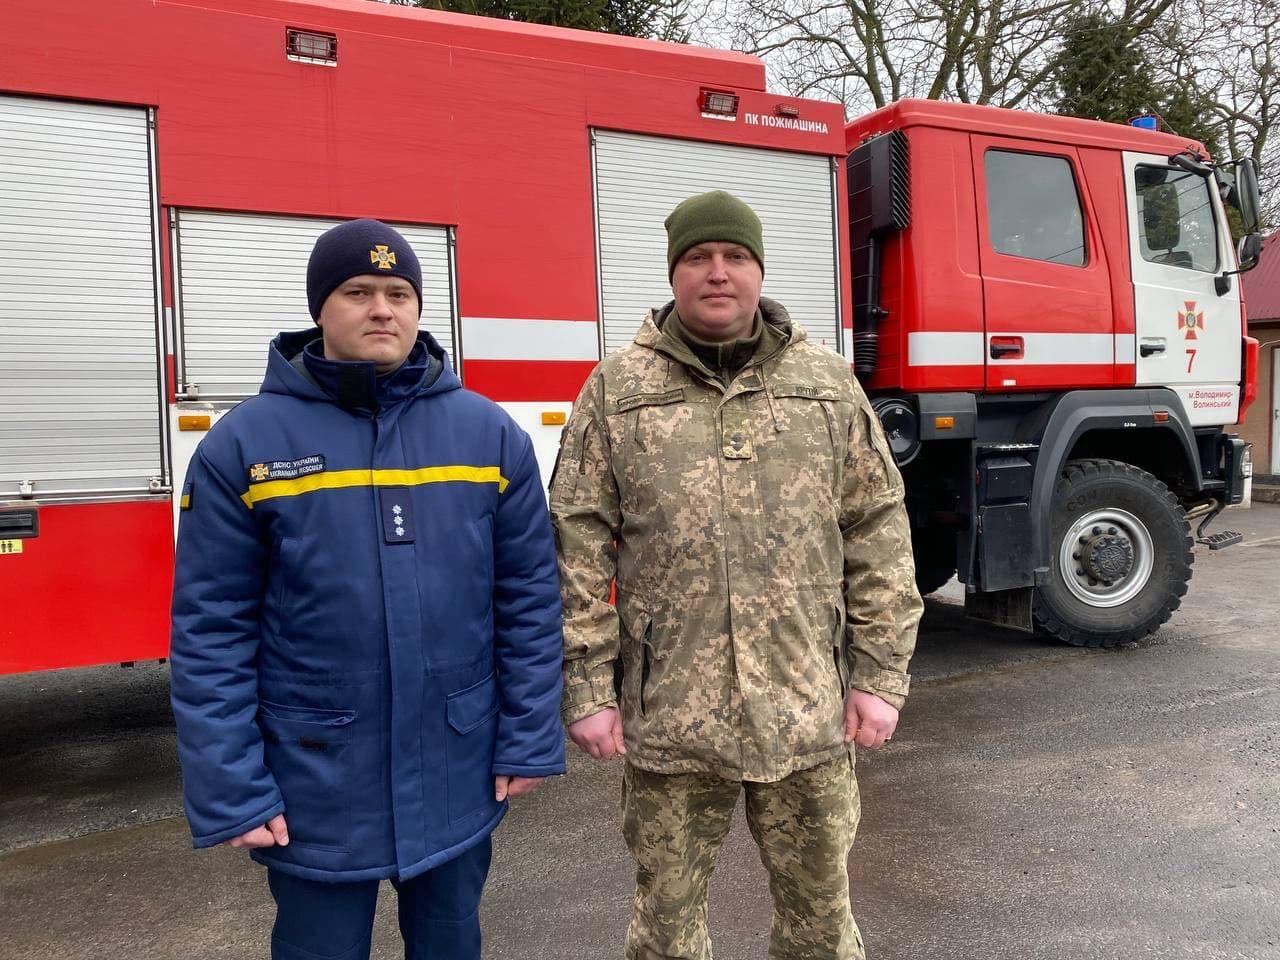 На Волині рятувальник разом з військовослужбовцем врятували на пожежі людину